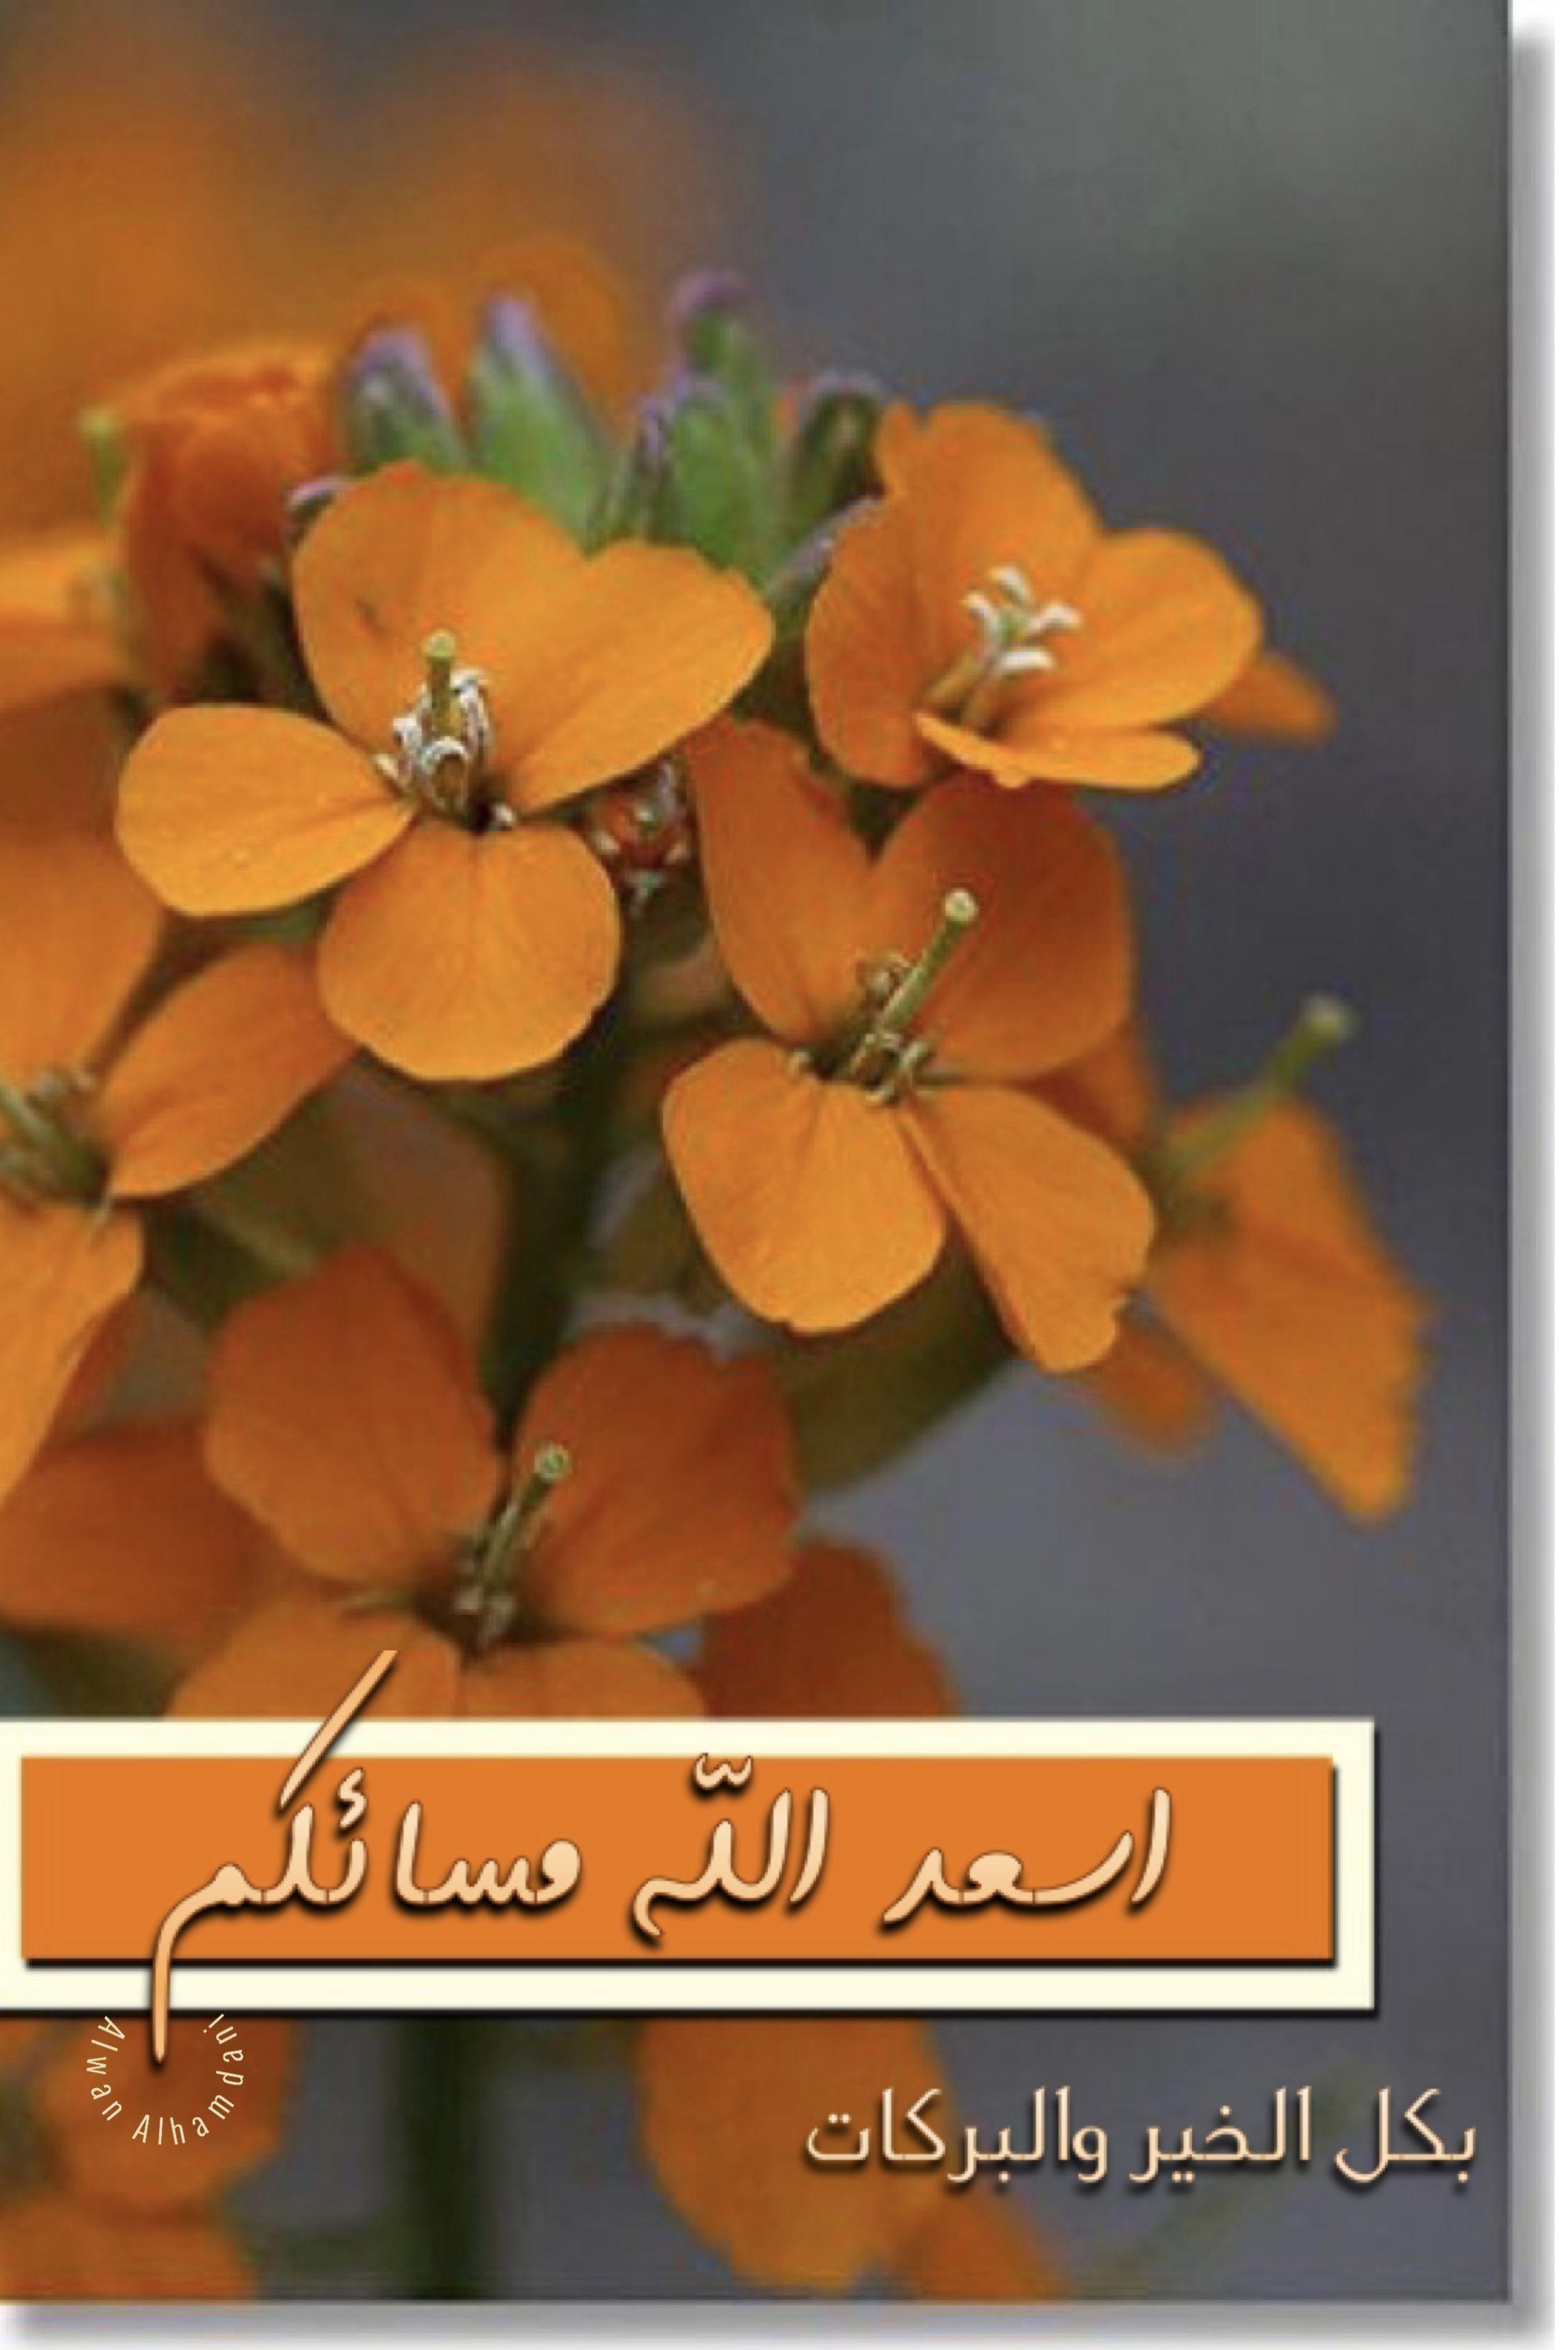 صبح و مساء On Instagram مساء الخير مساء الورد تصميم تصاميم السعودية صبح و In 2020 Good Night Flowers Good Night Image Good Evening